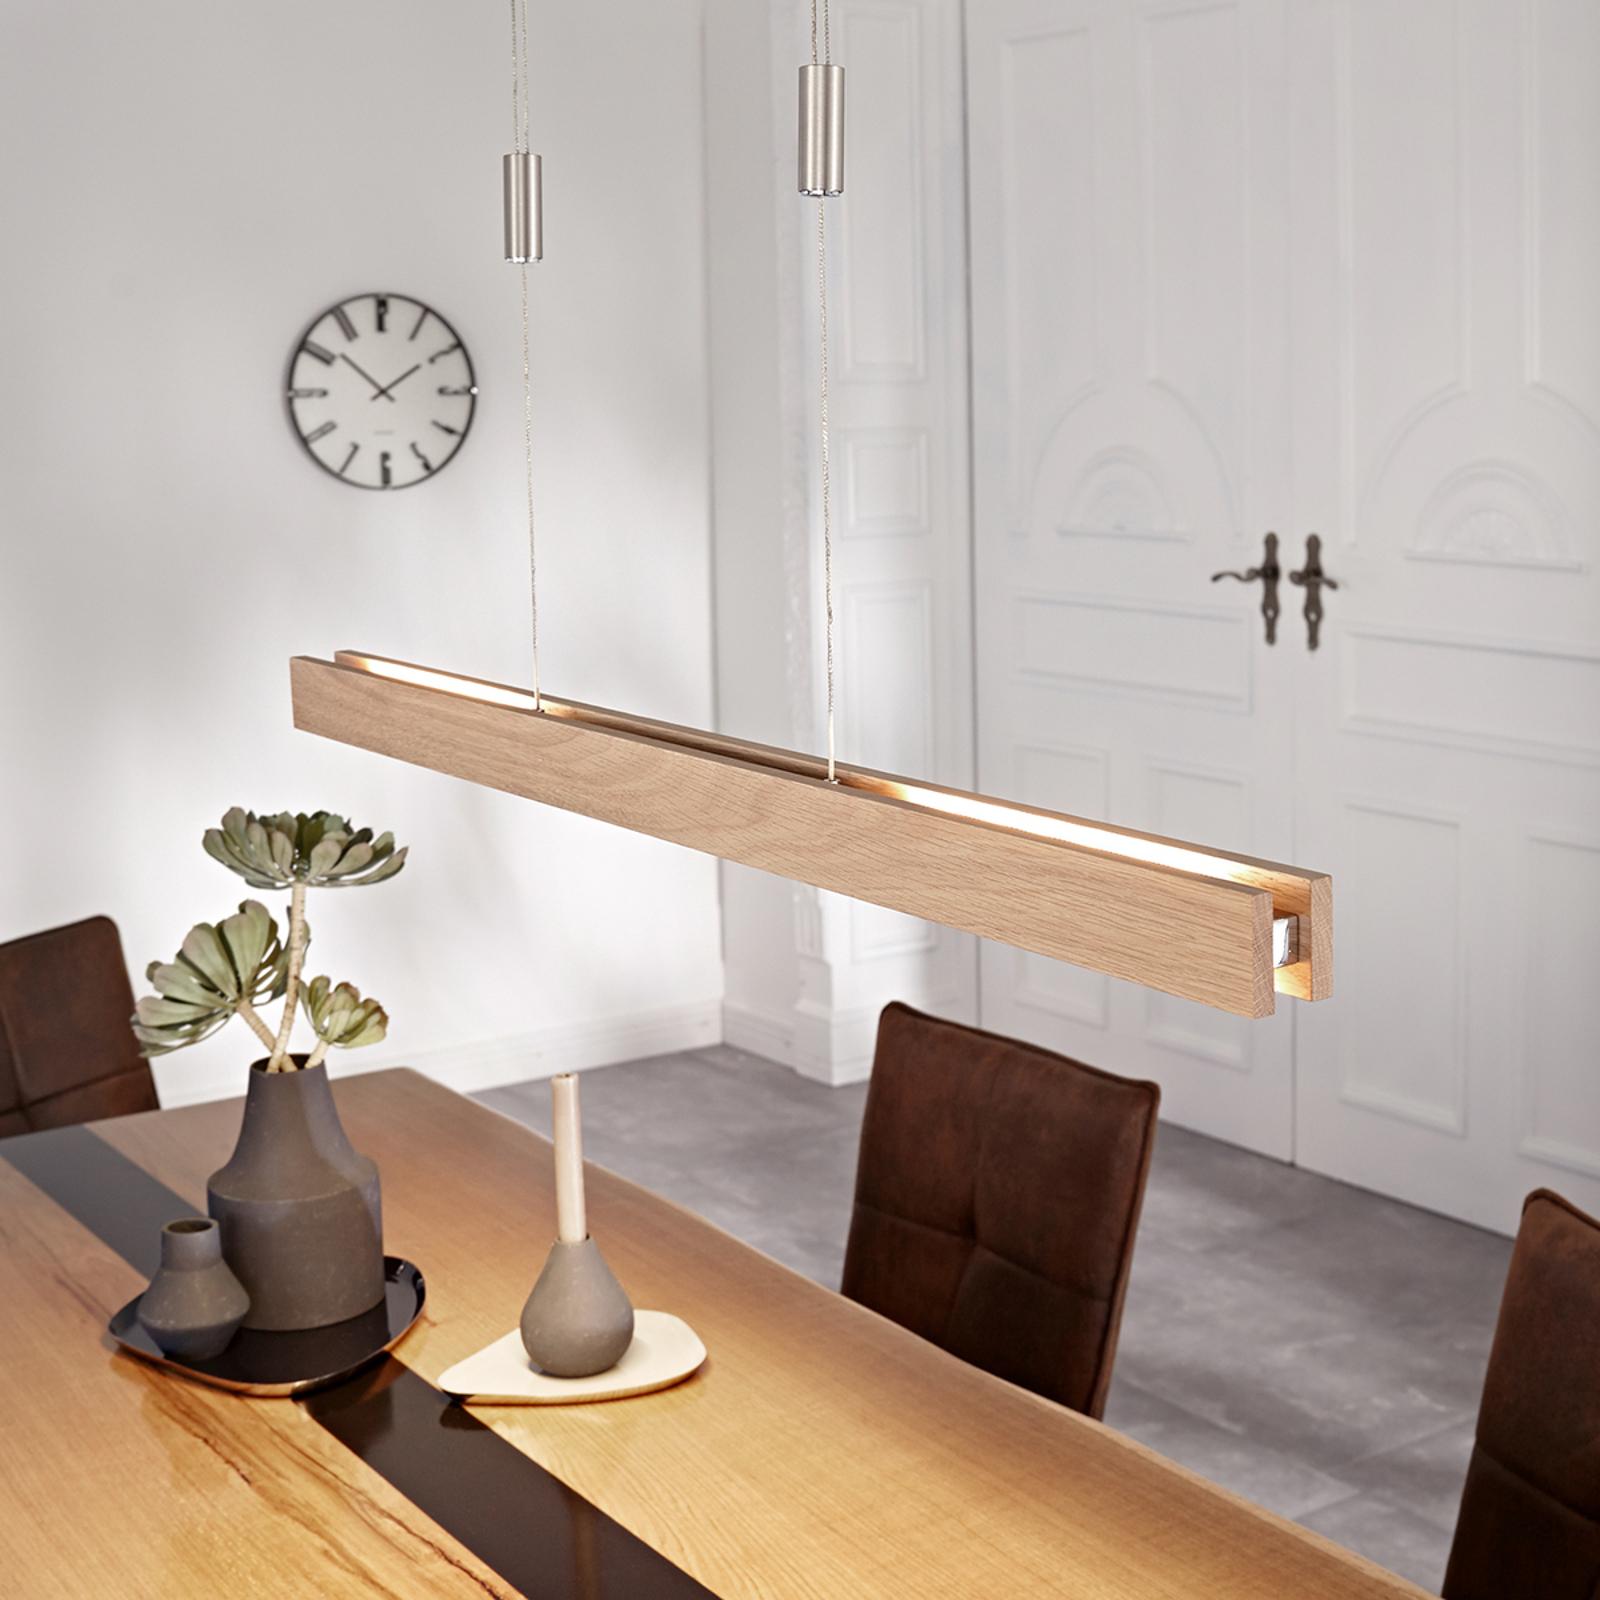 Holz-LED-Hängeleuchte Alin, eiche natur, 98 cm